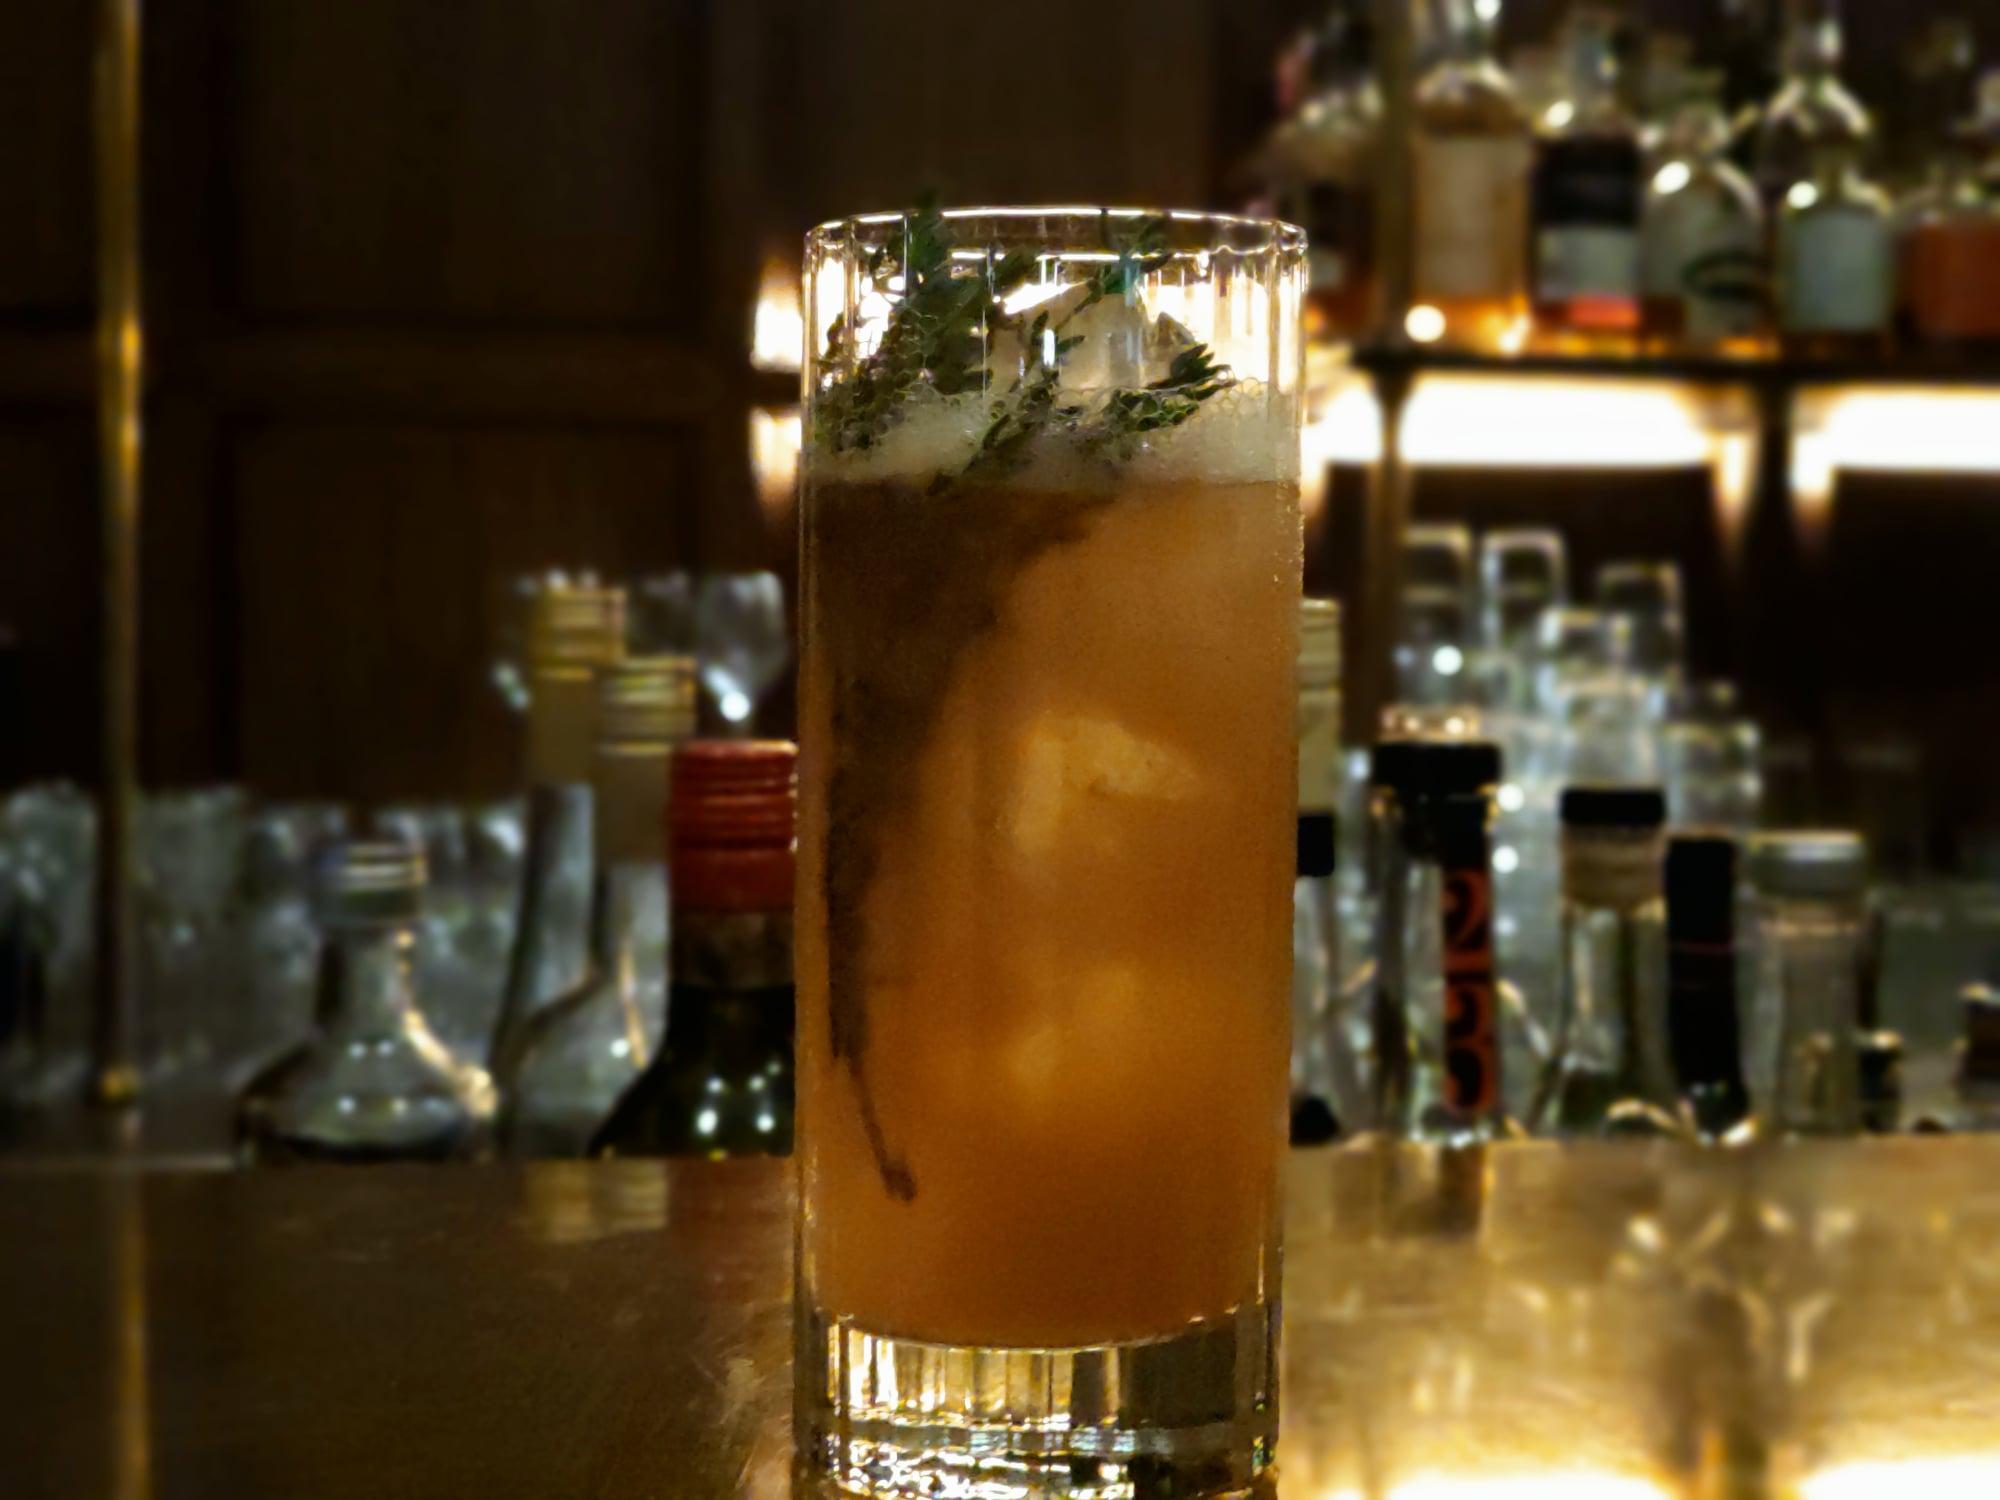 Cocktail sans alcool Magnolia - Les Passerelles, Paris